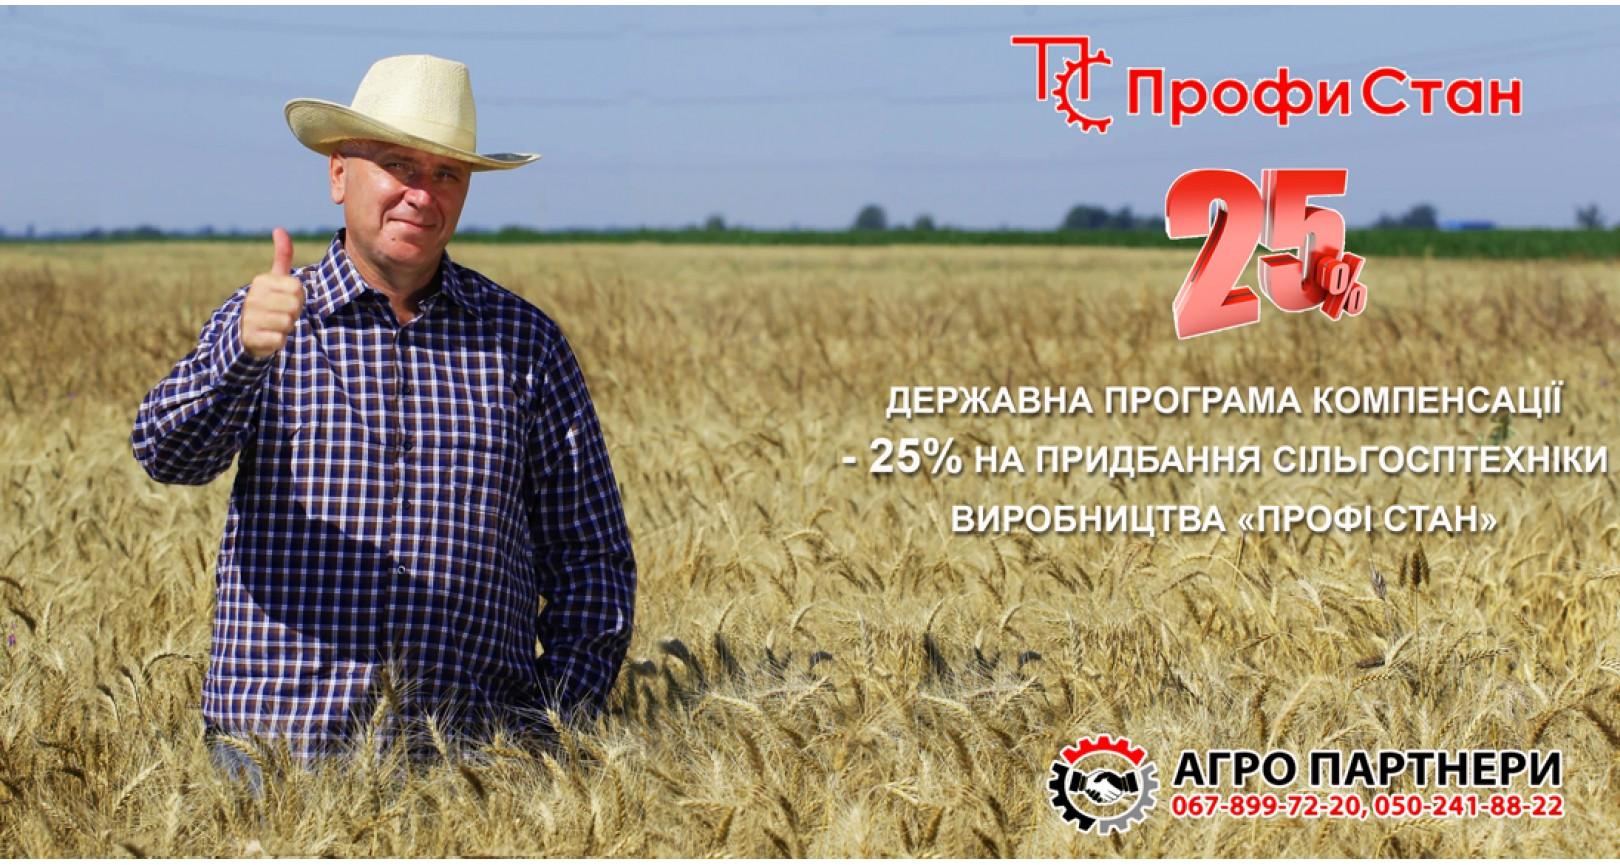 КОМПЕНСАЦИЯ -25% НА ТЕХНИКУ  ПРОФИСТАН